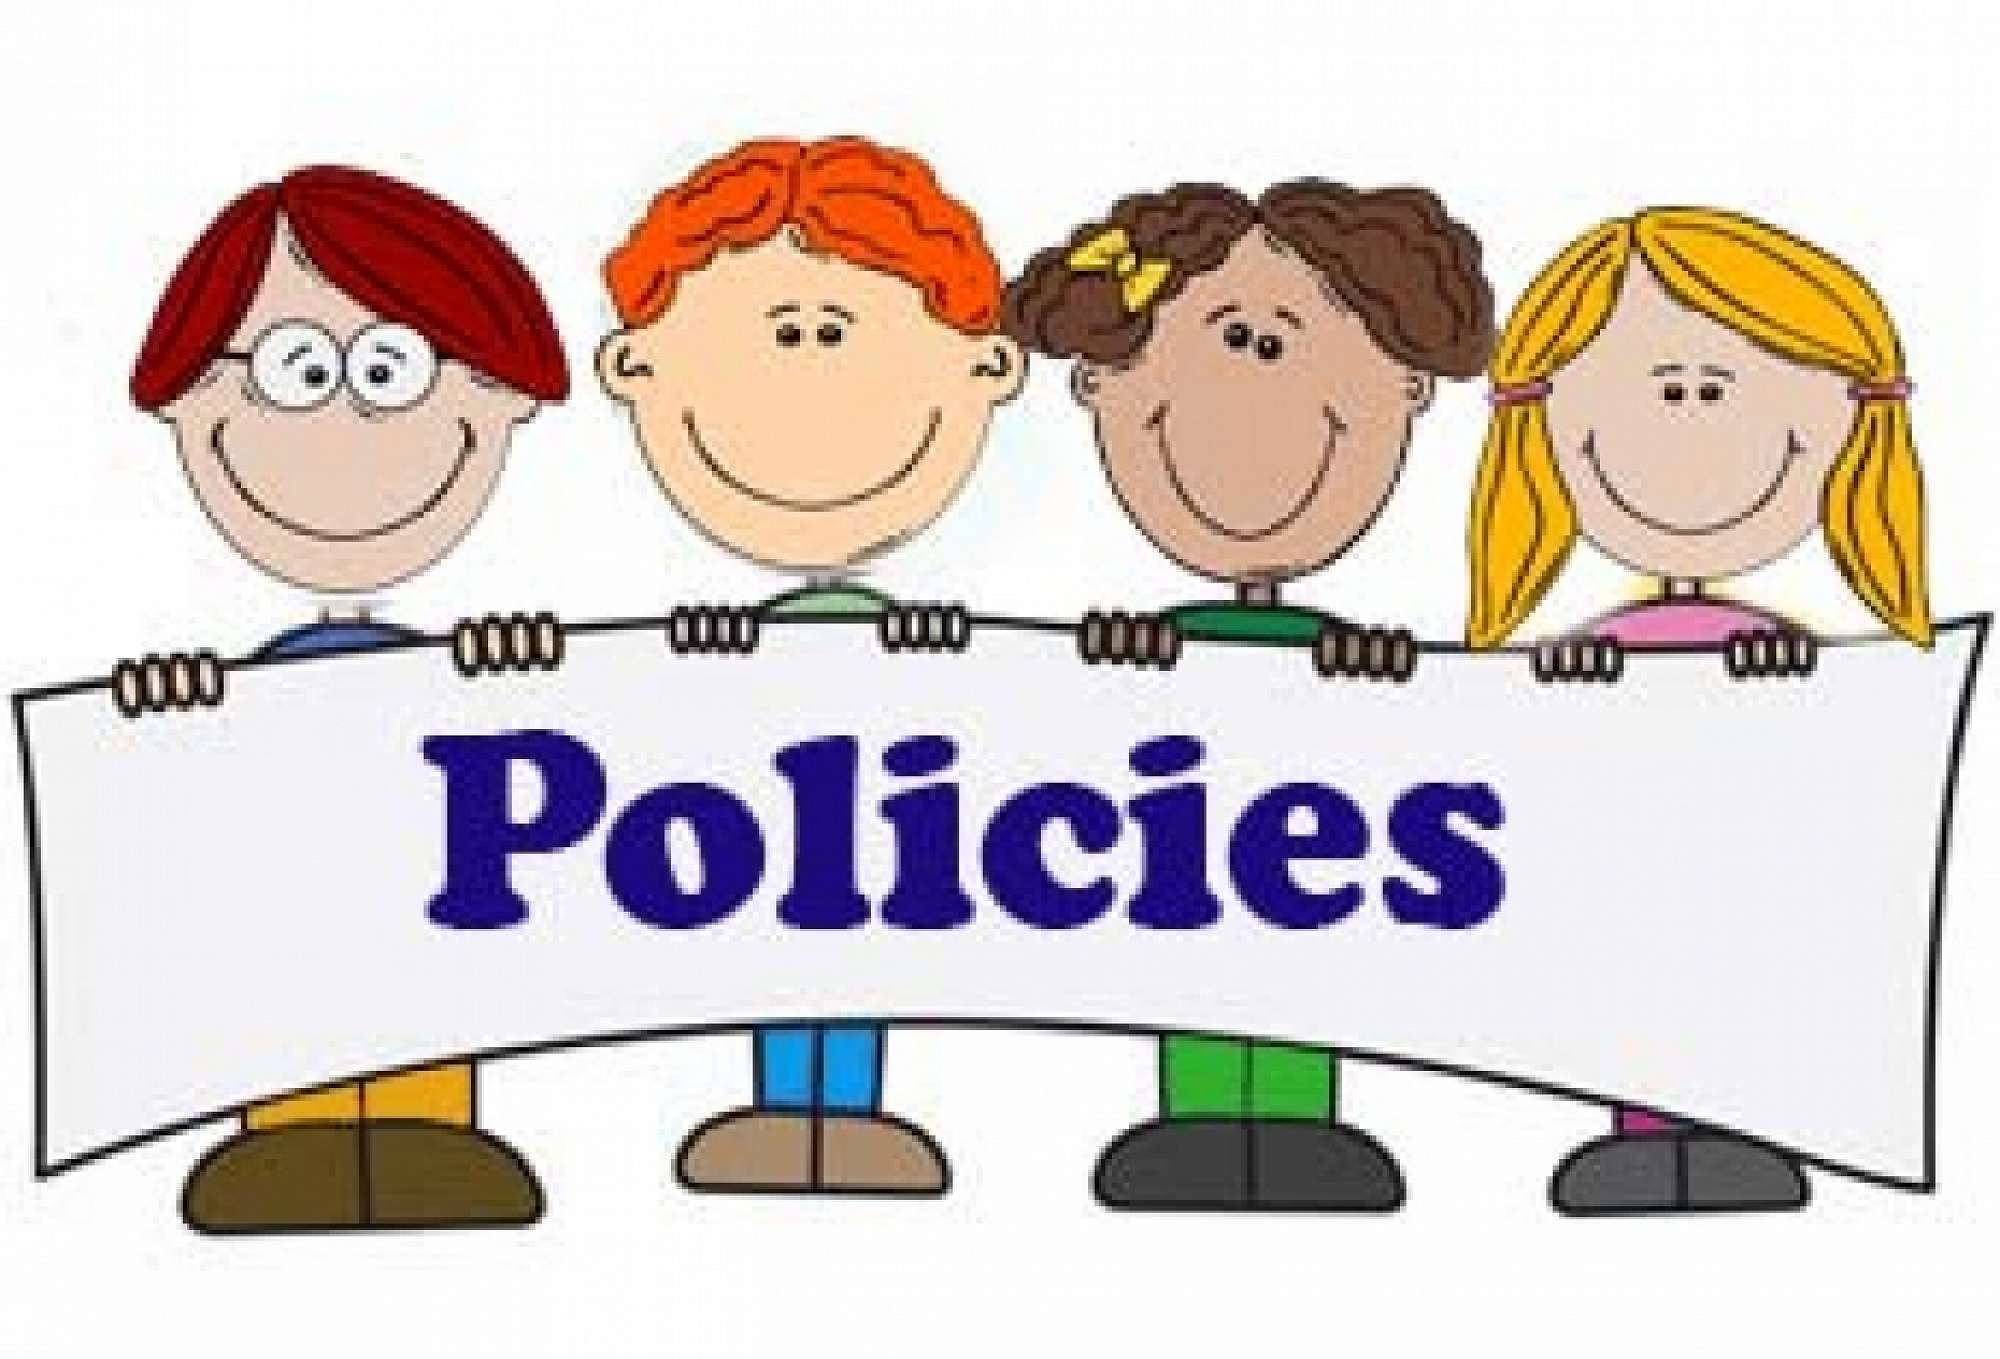 Policies and procedures - Website